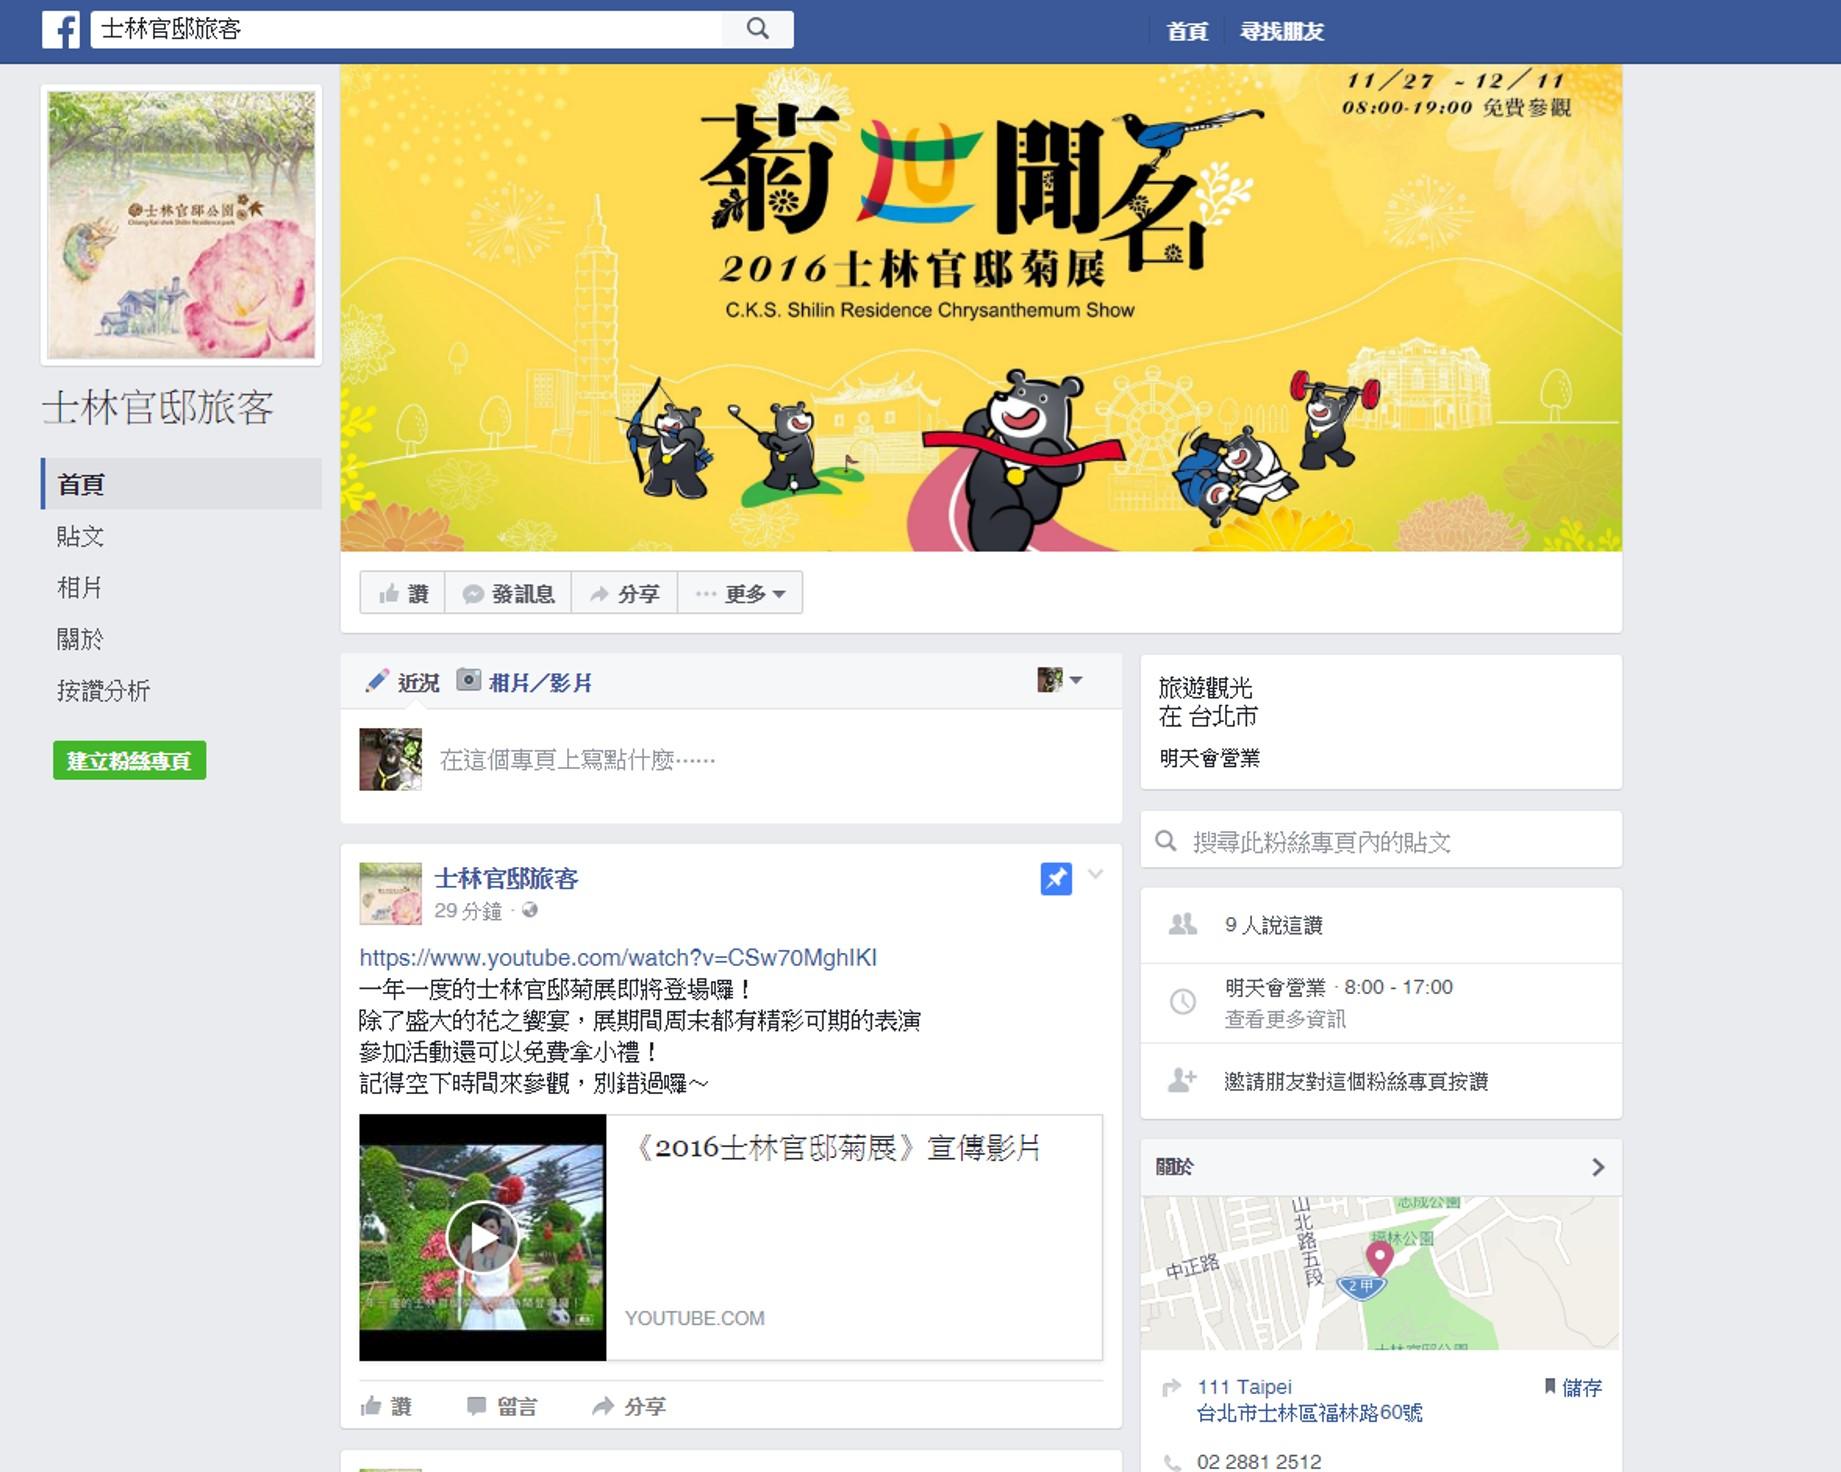 圖1、「士林官邸旅客」Facebook 粉絲專頁